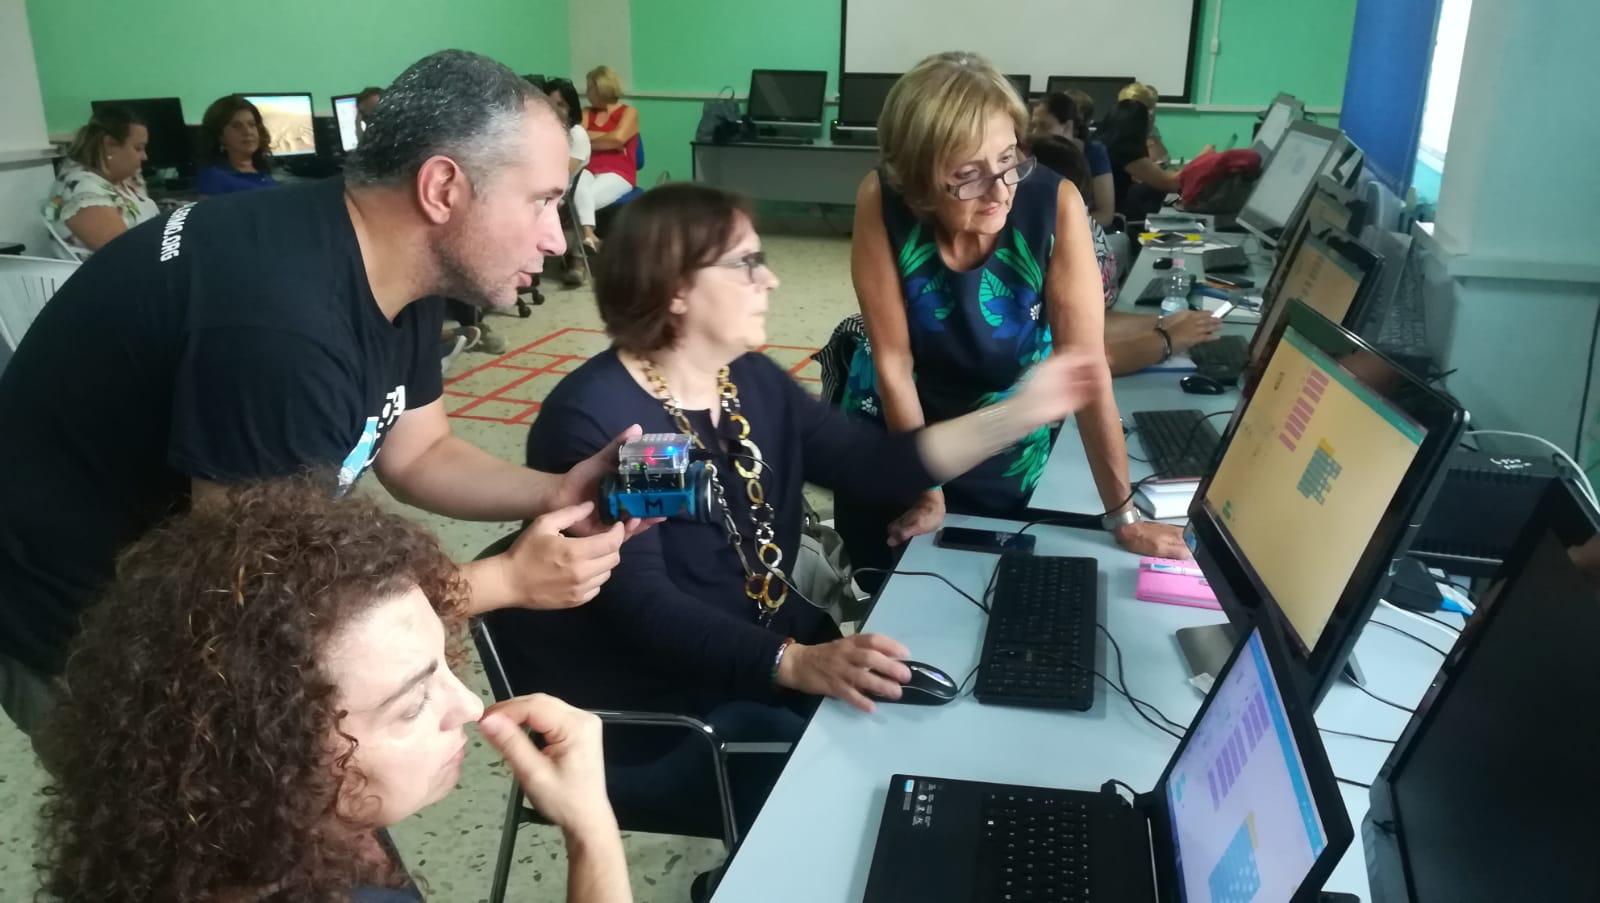 fablab-palermo-coding-robotica-scuola